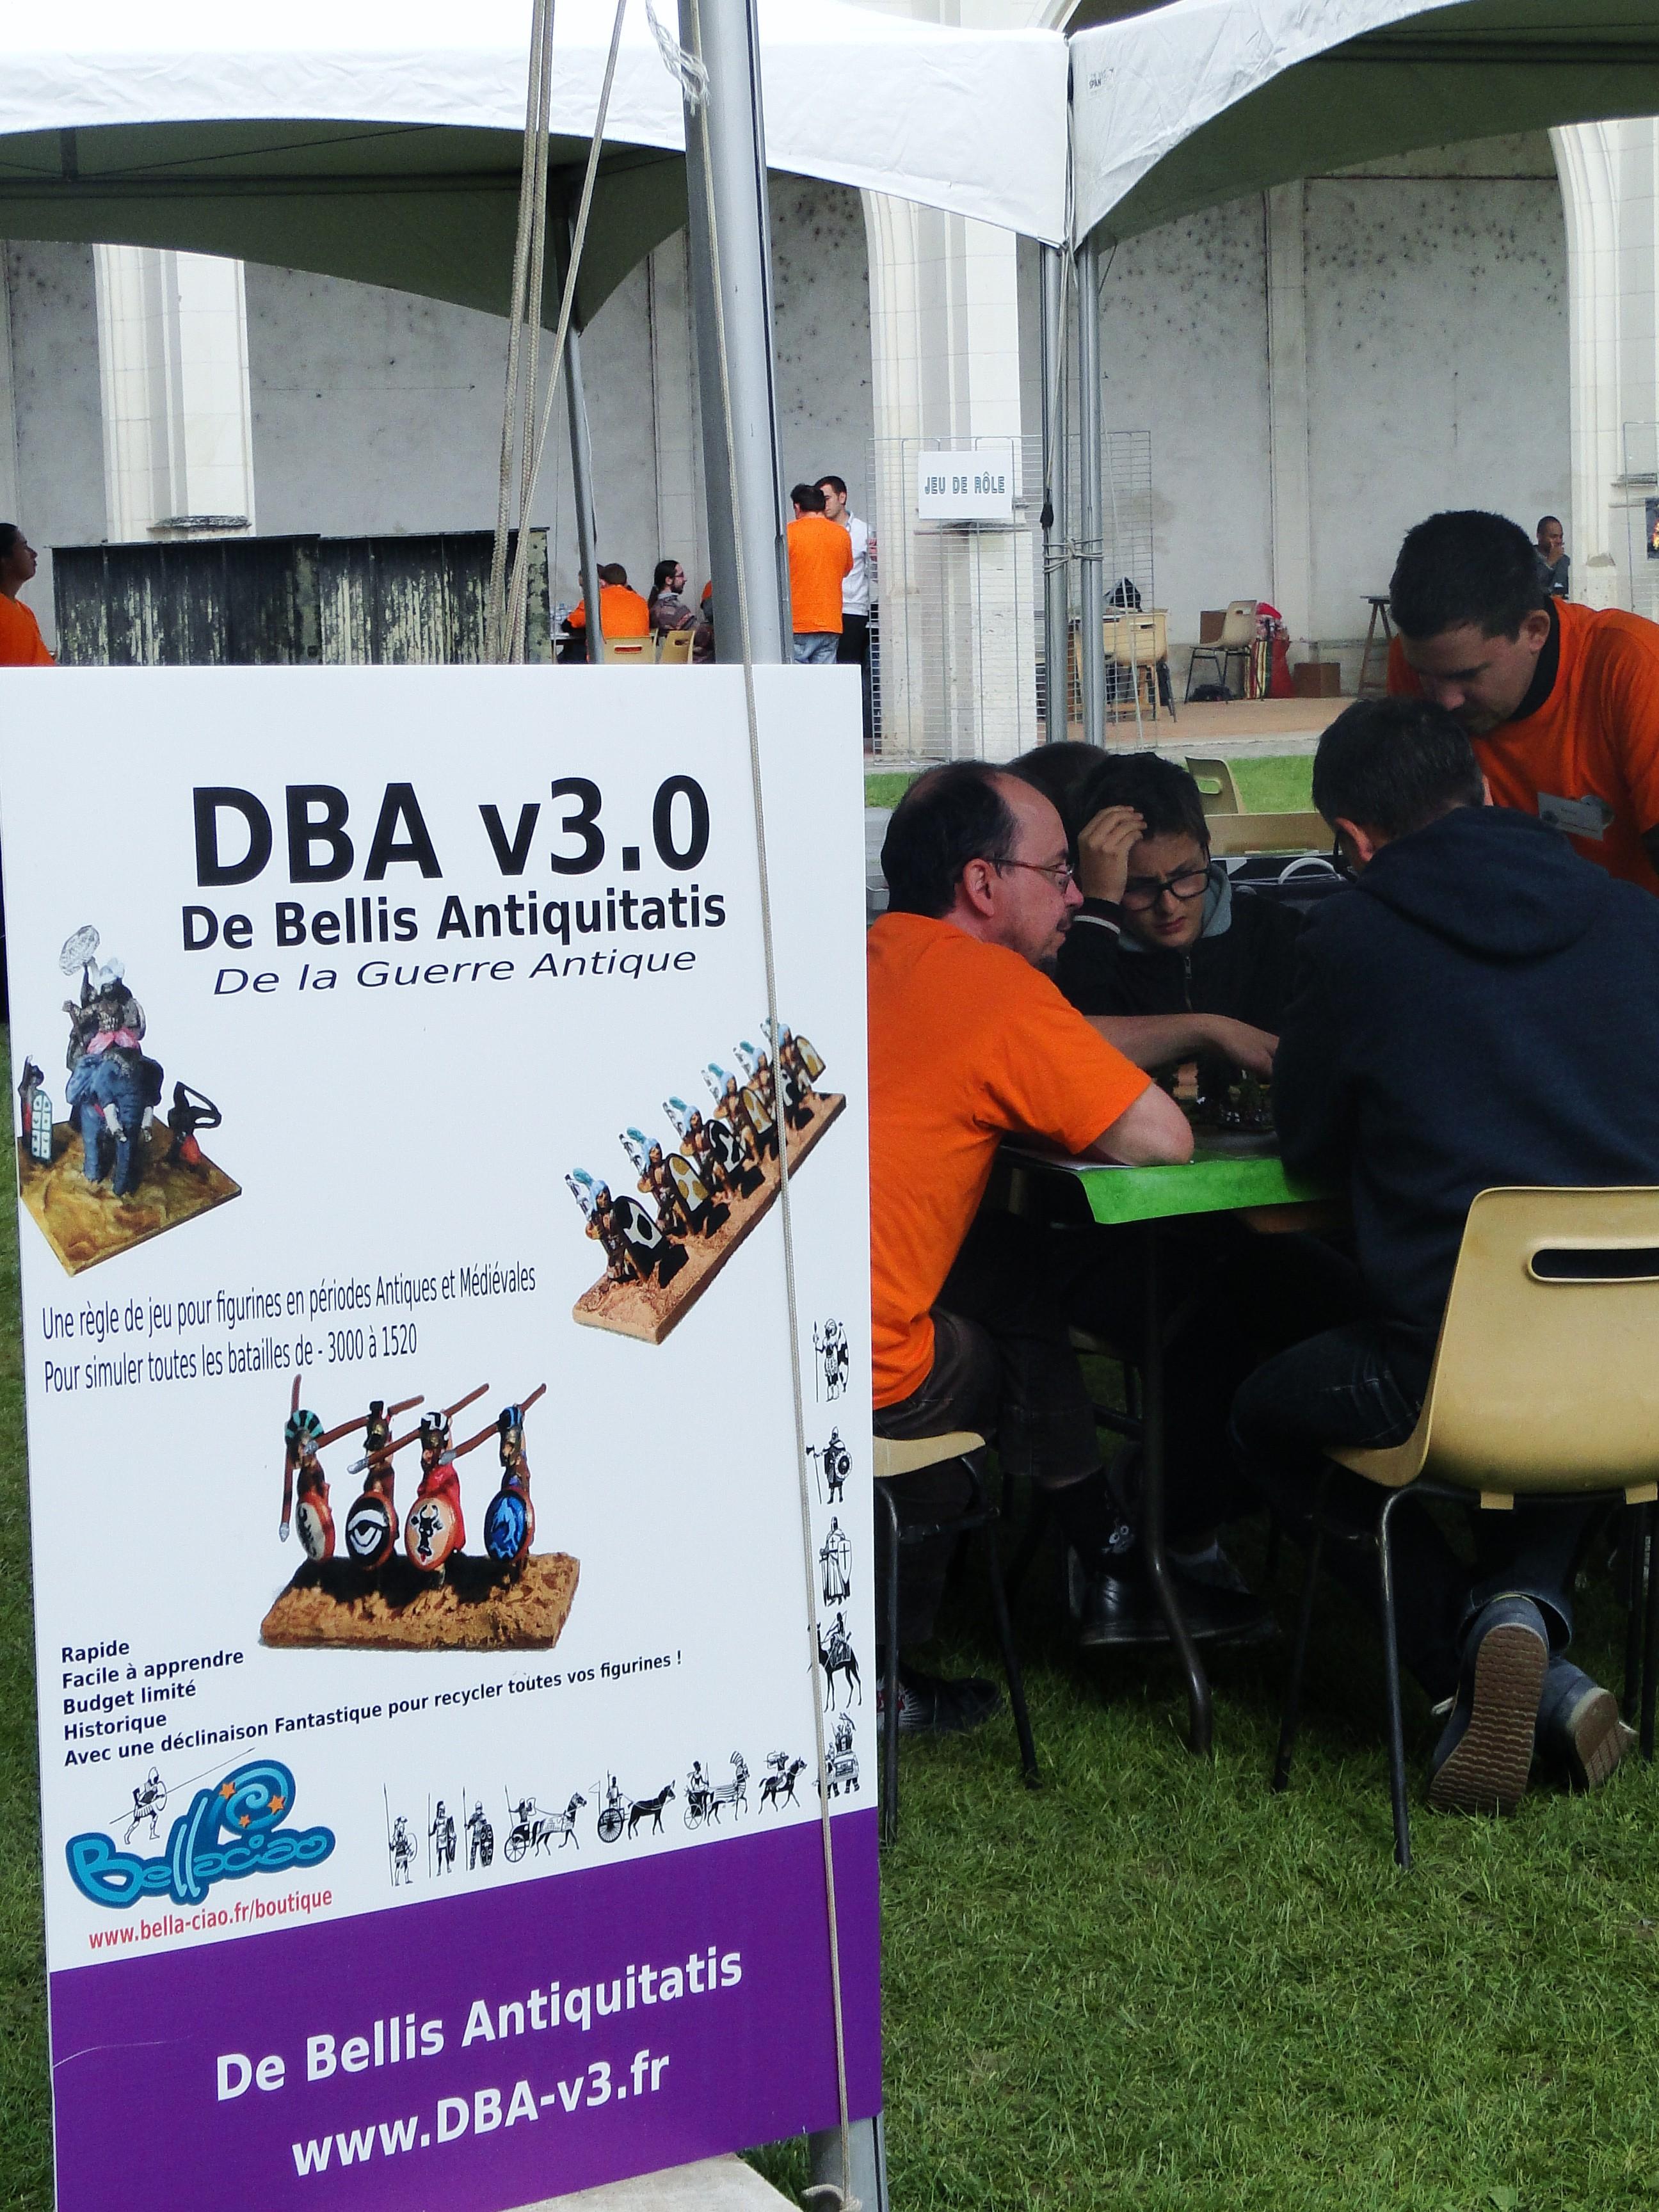 DBA était à Orléans Joue !